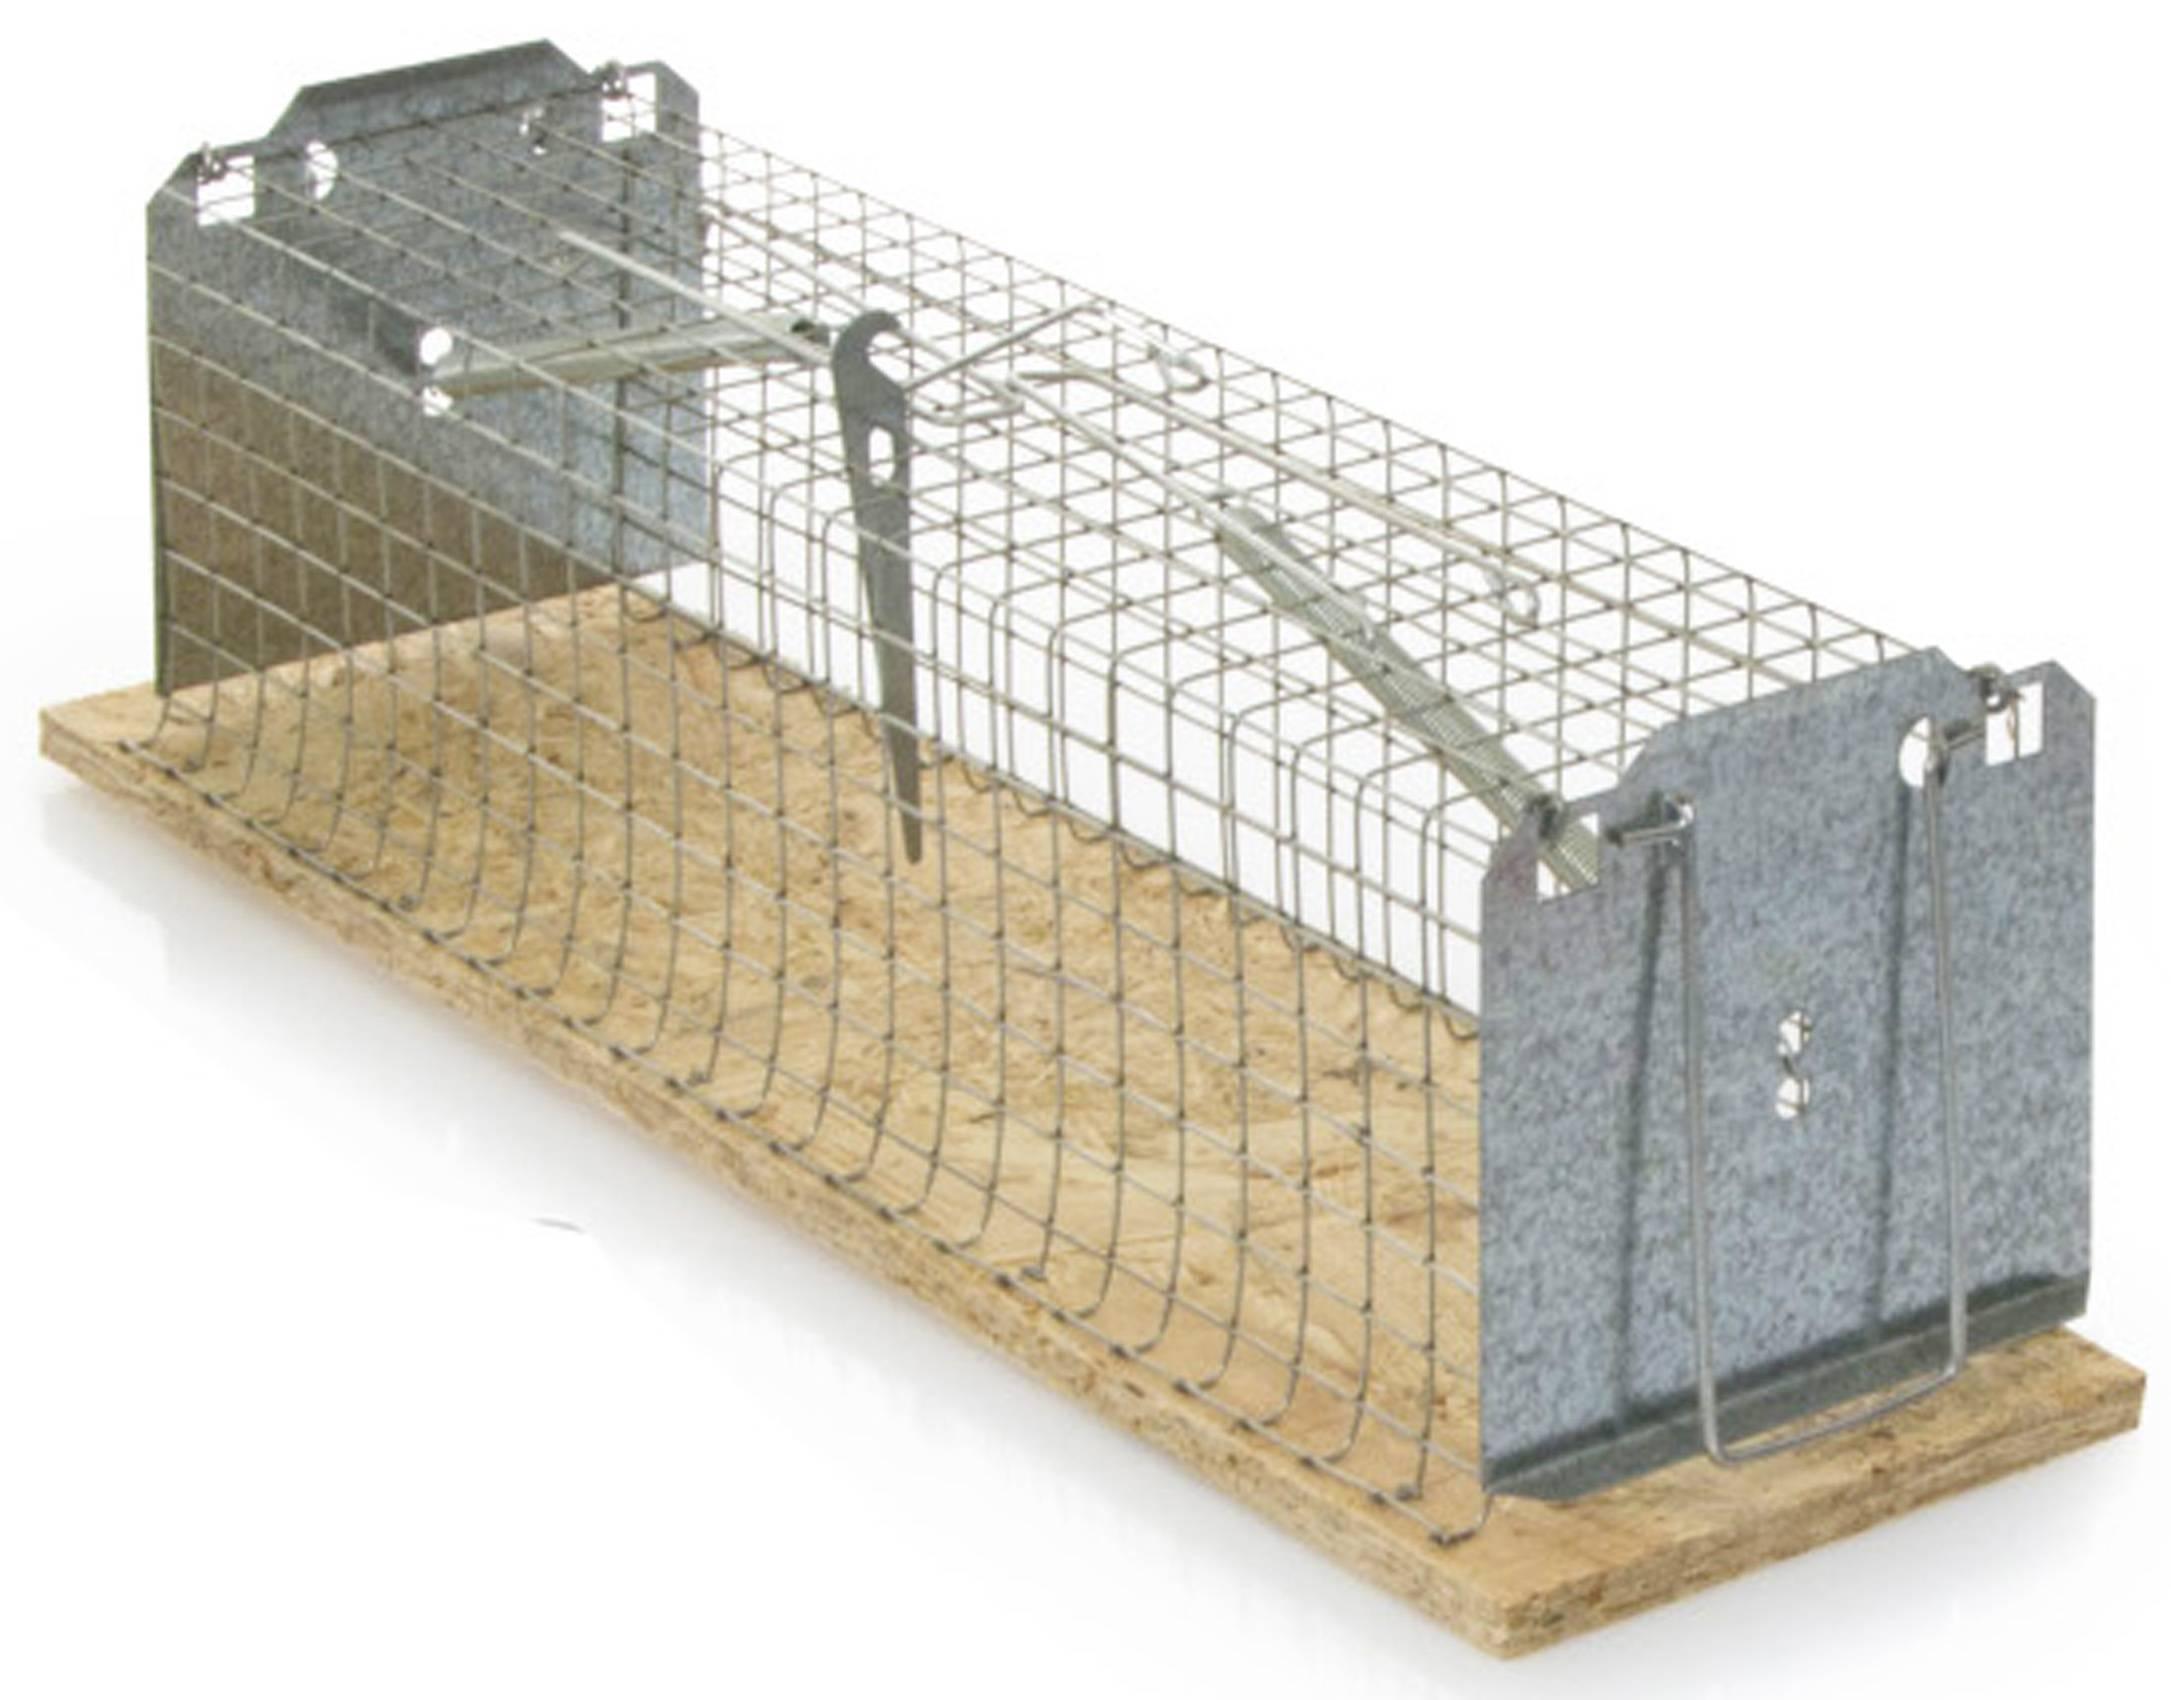 Como cazar una rata interesting cazando ratas with como - Trampas para cazar ratas ...